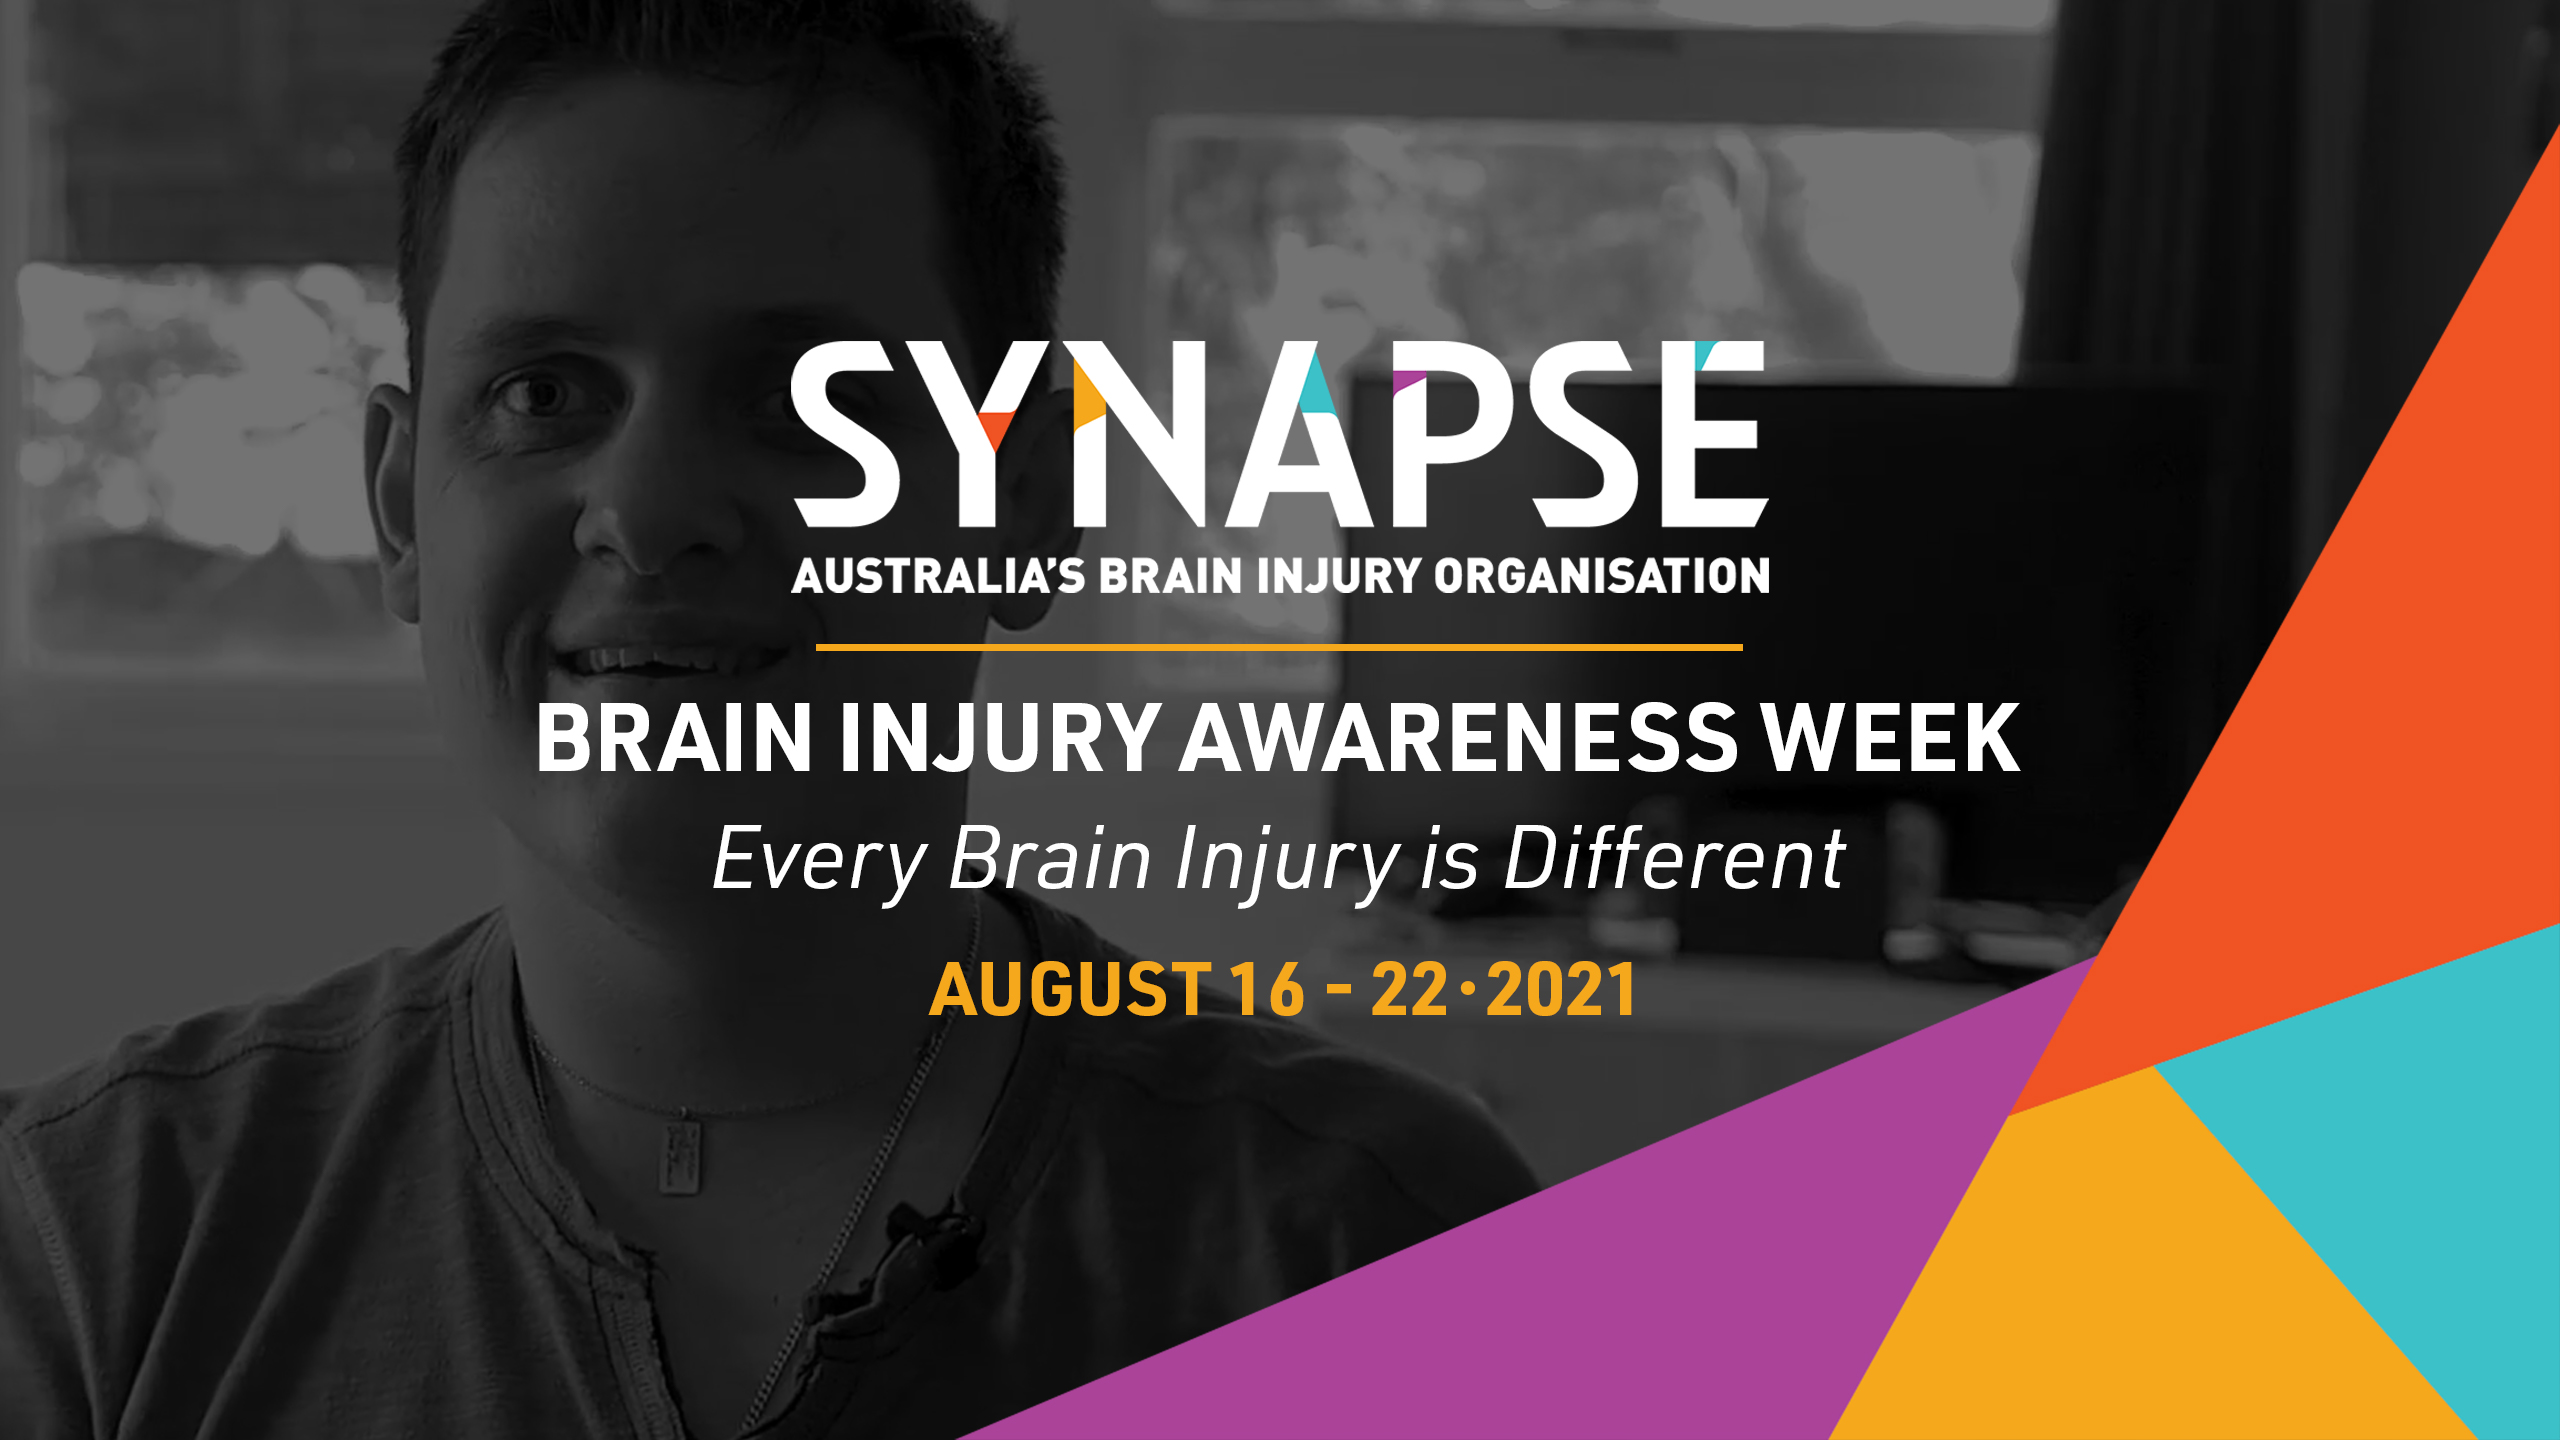 Brain Injury Awareness Week 2021